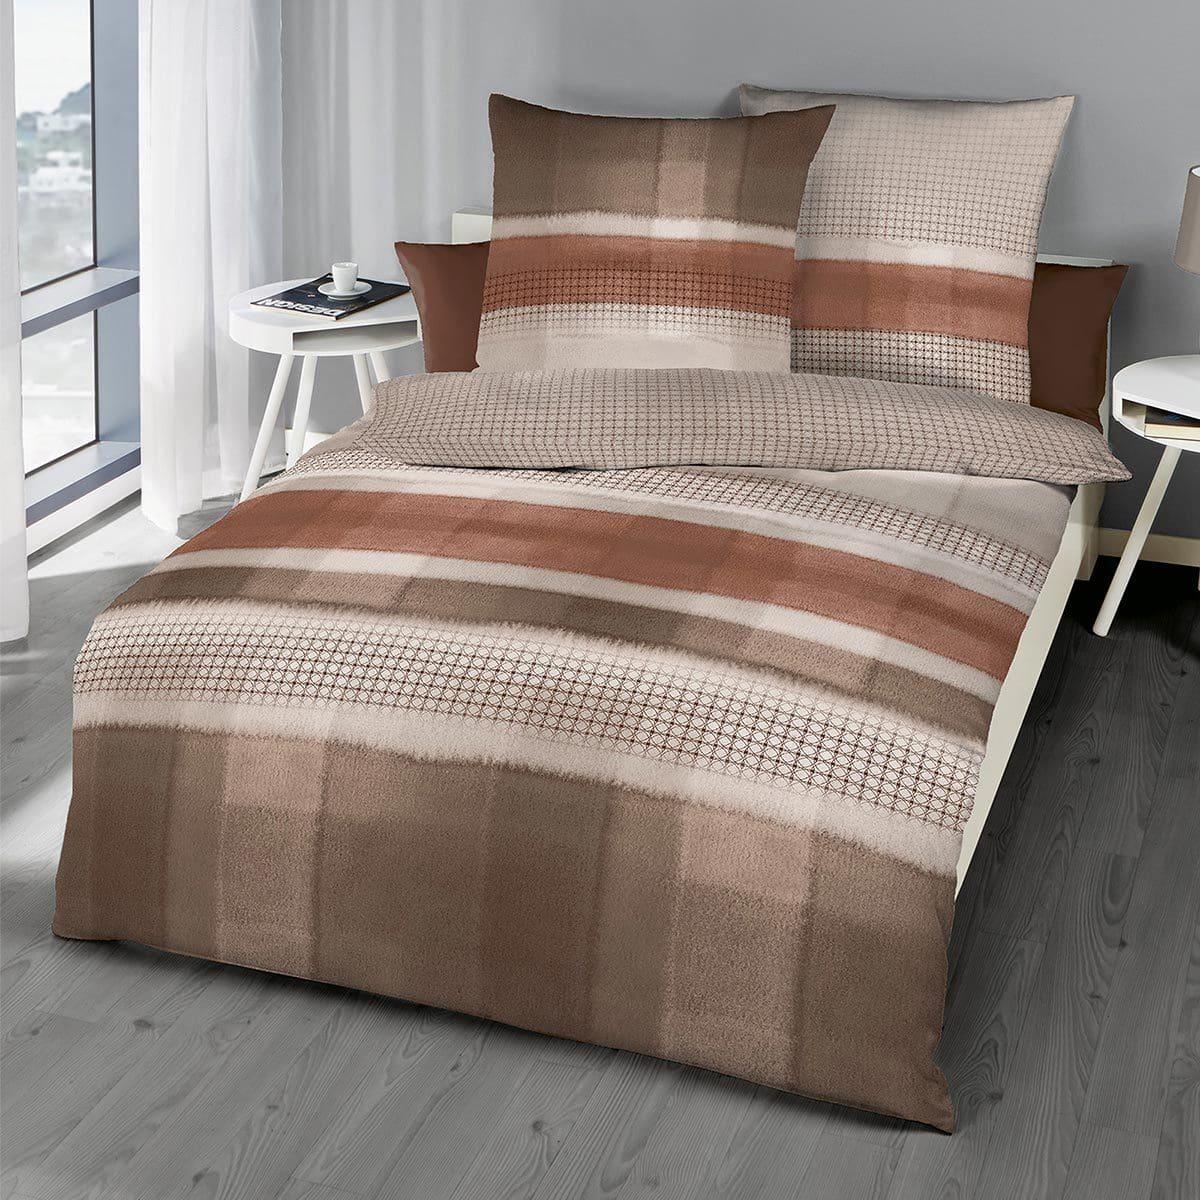 kaeppel biber wendebettw sche shadow nougat g nstig online kaufen bei bettwaren shop. Black Bedroom Furniture Sets. Home Design Ideas